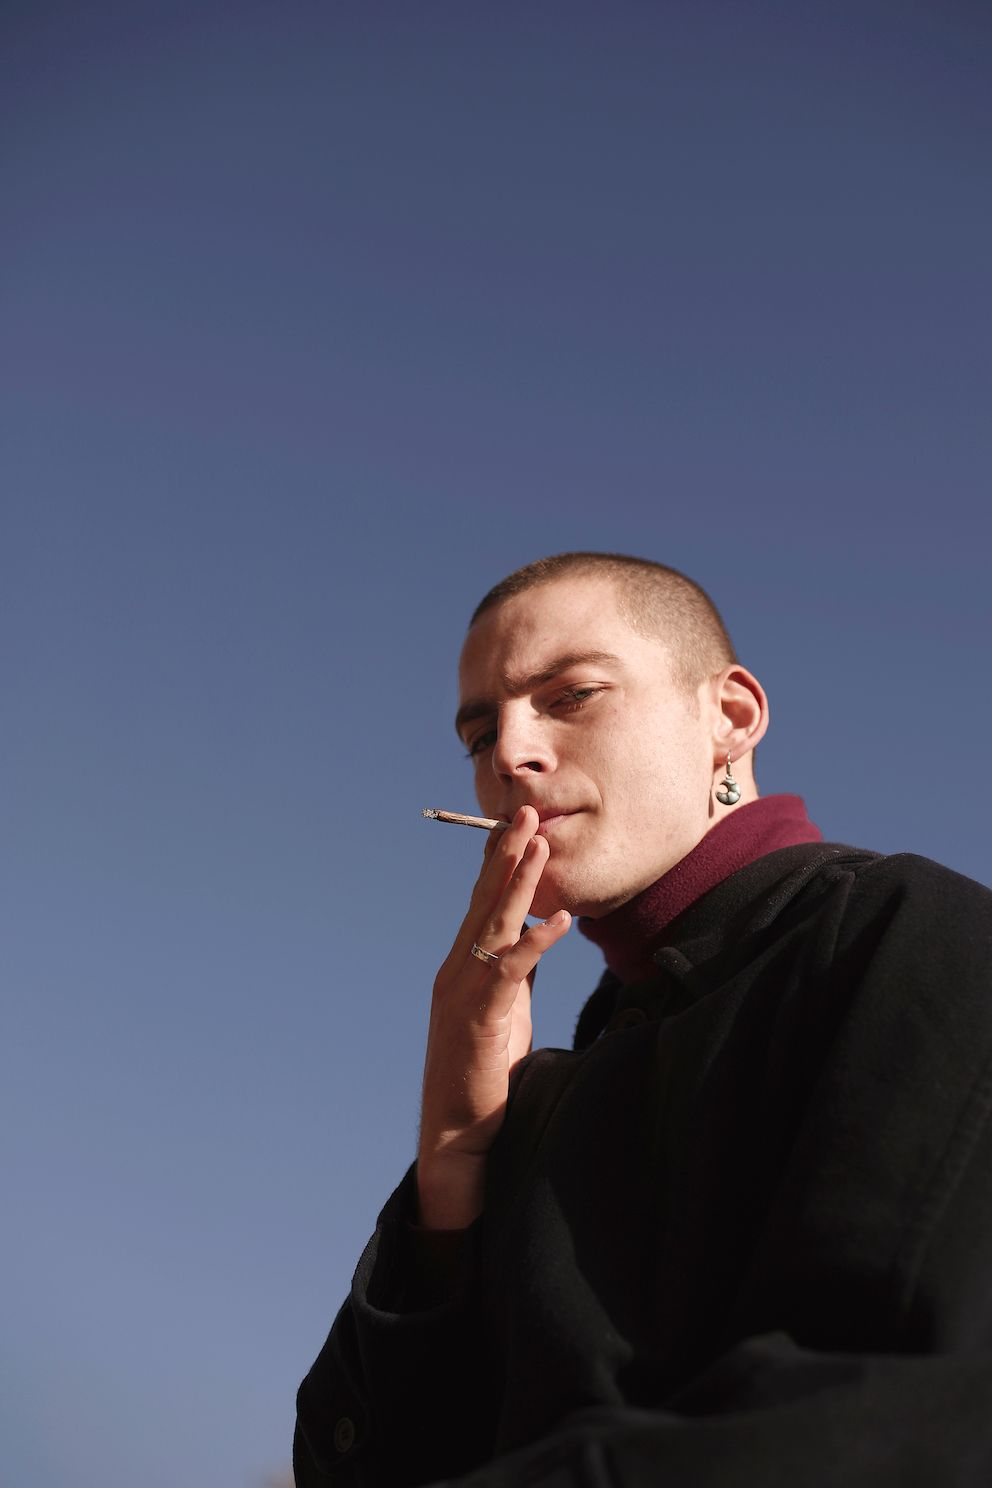 Image may contain: Smoking, Smoke, Person, Human